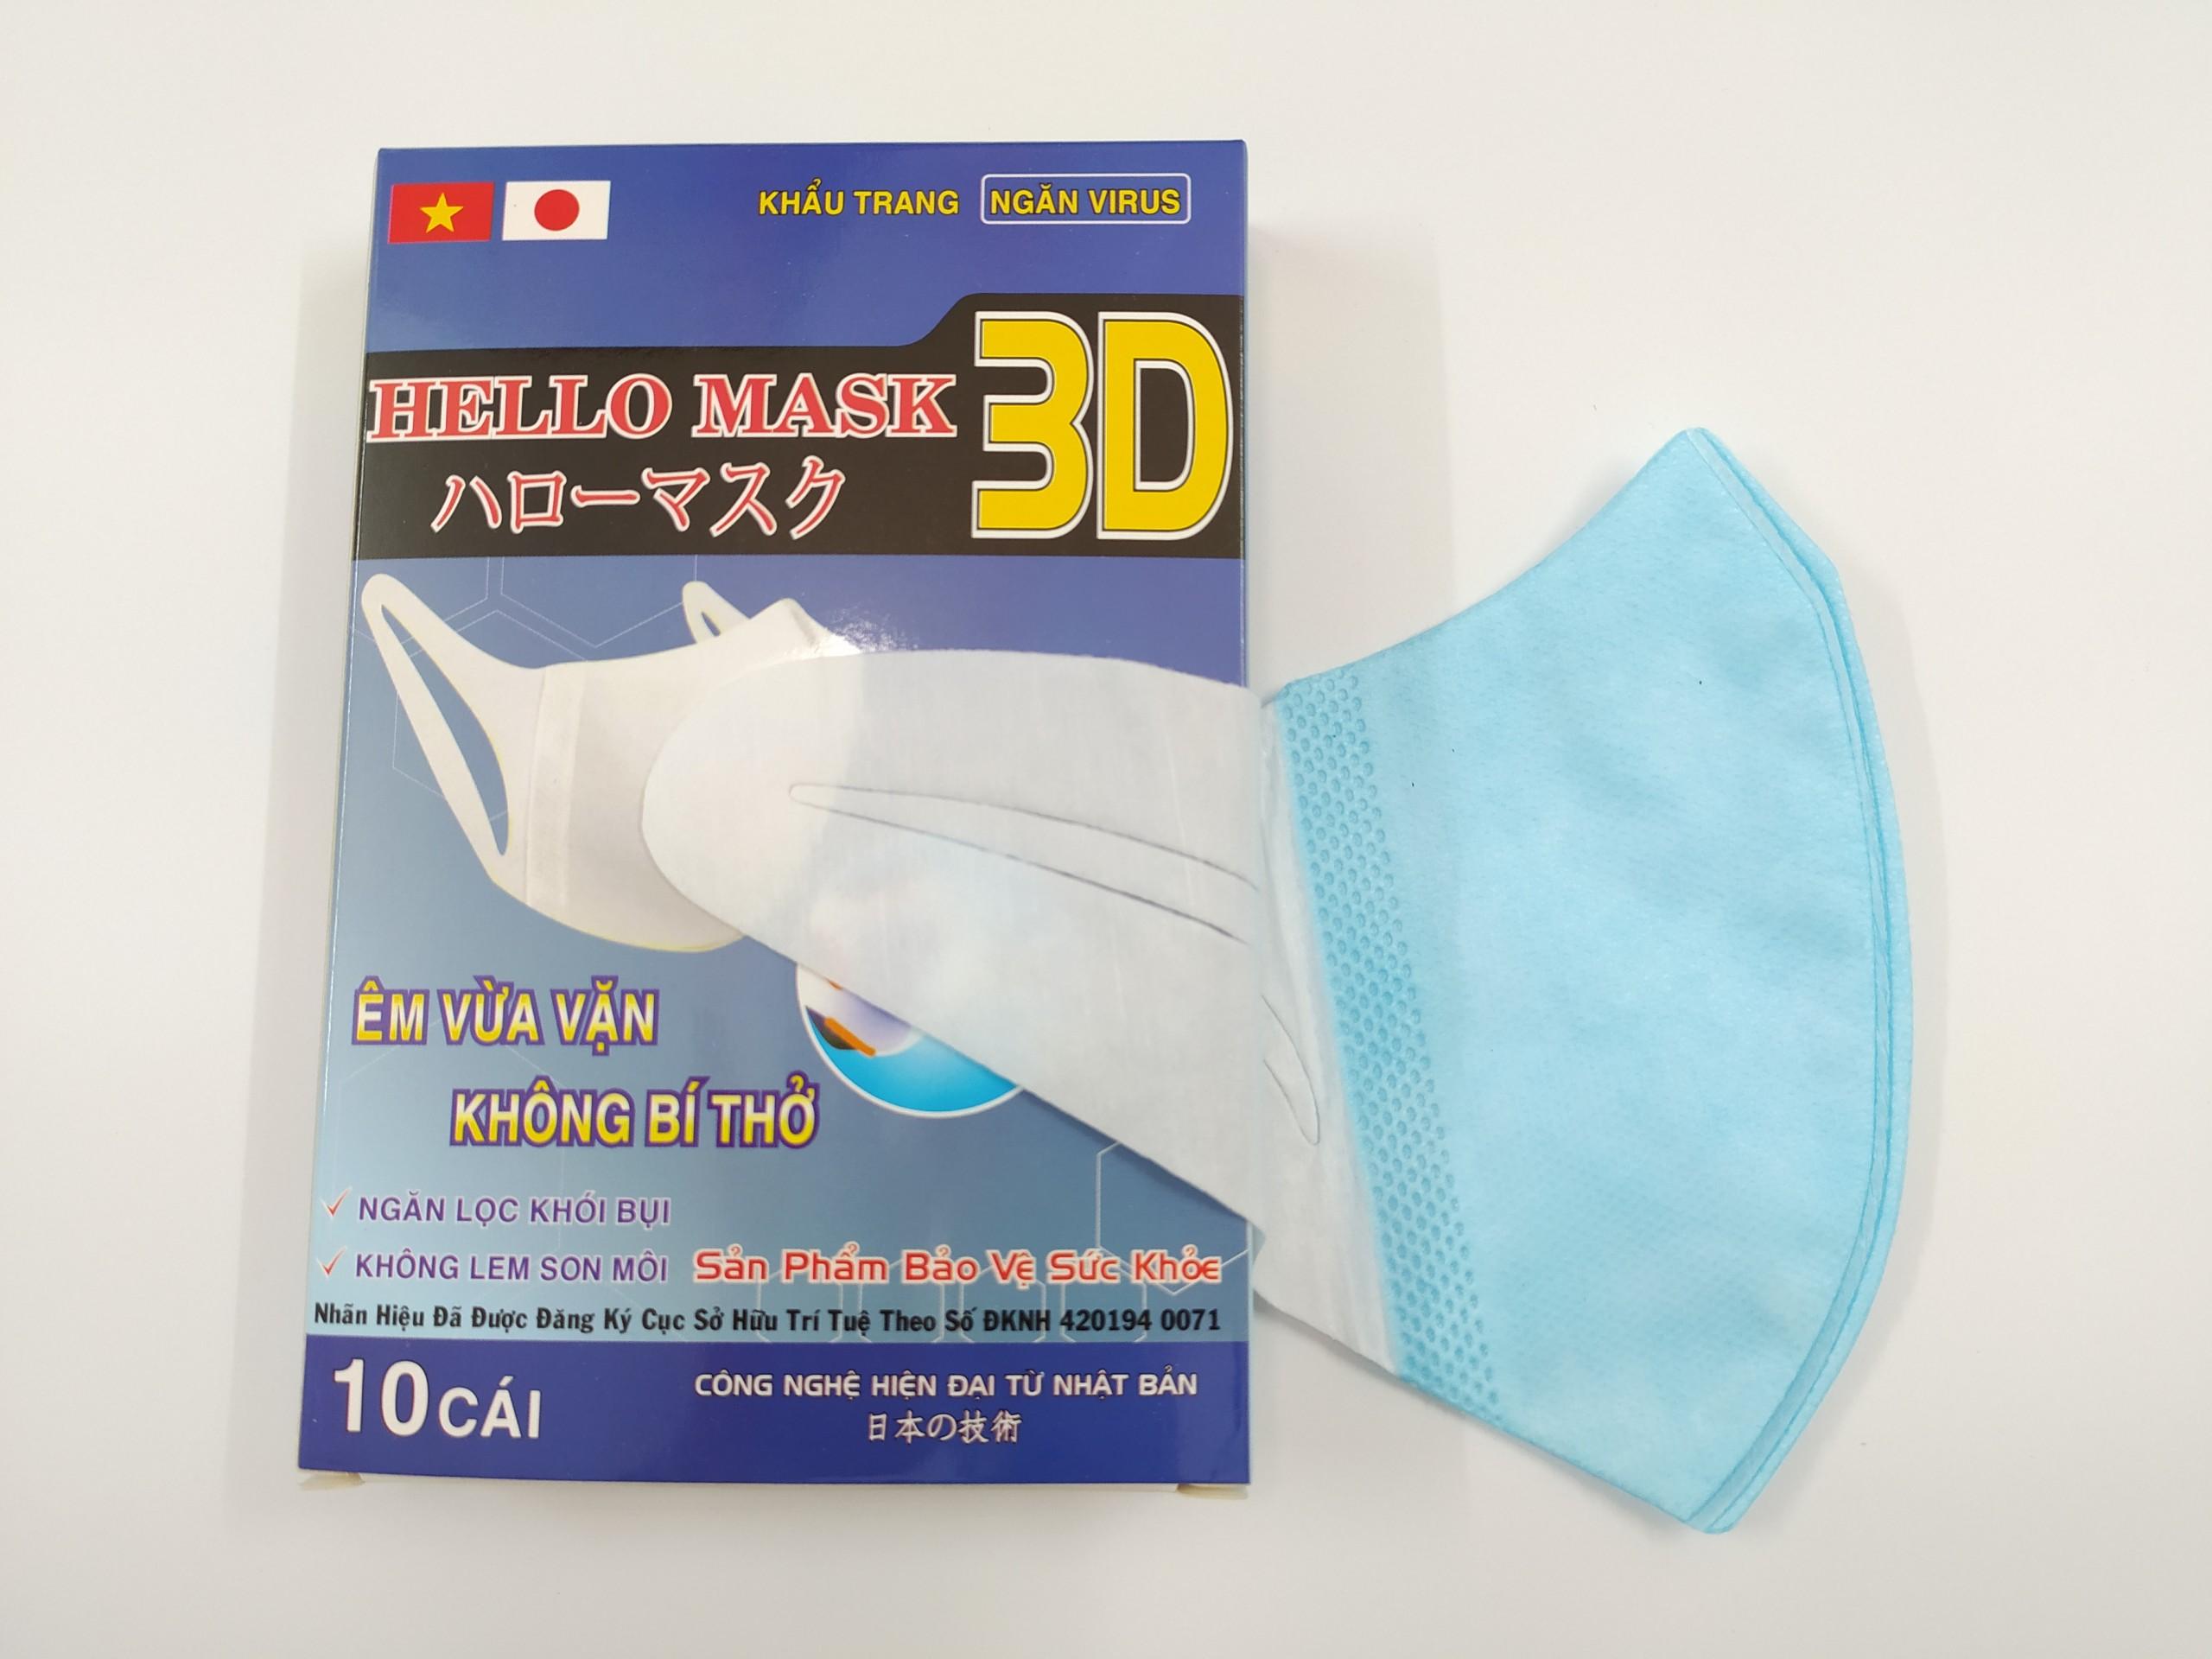 Khẩu Trang 3D Hello Mask - Japan ( Màu Xanh)